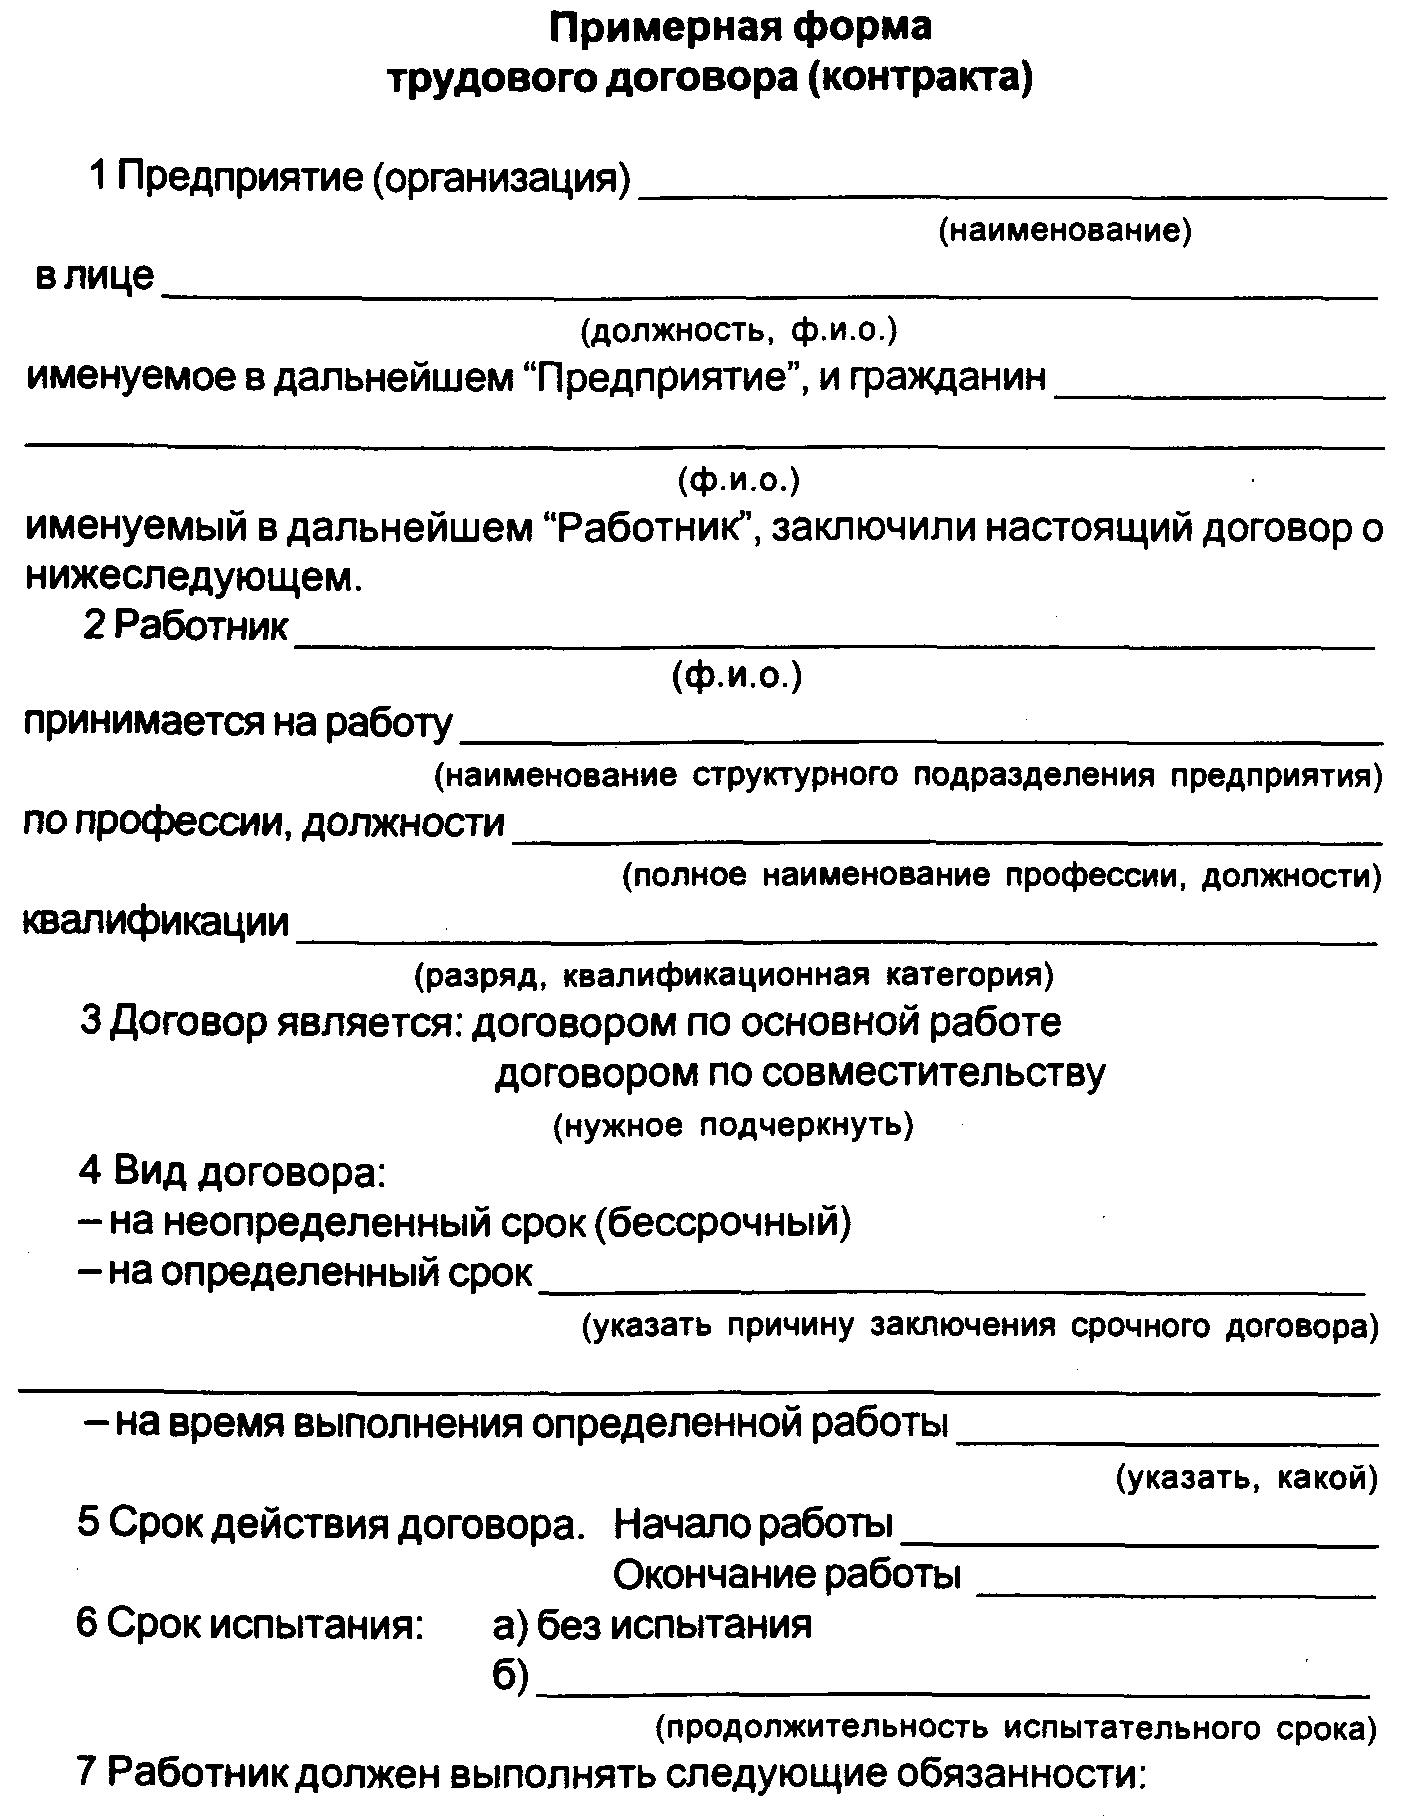 Форма трудового договора